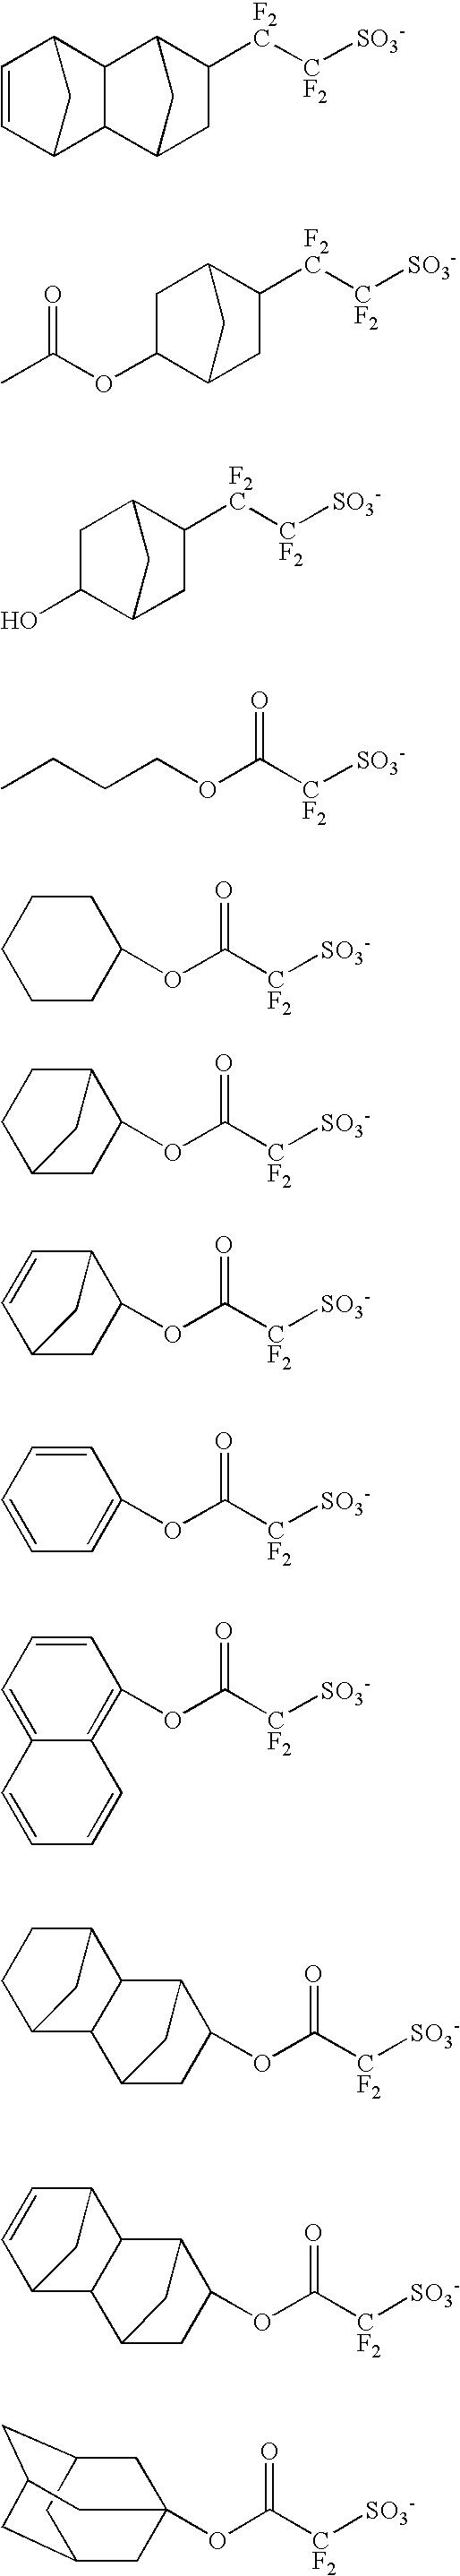 Figure US20080032231A1-20080207-C00004